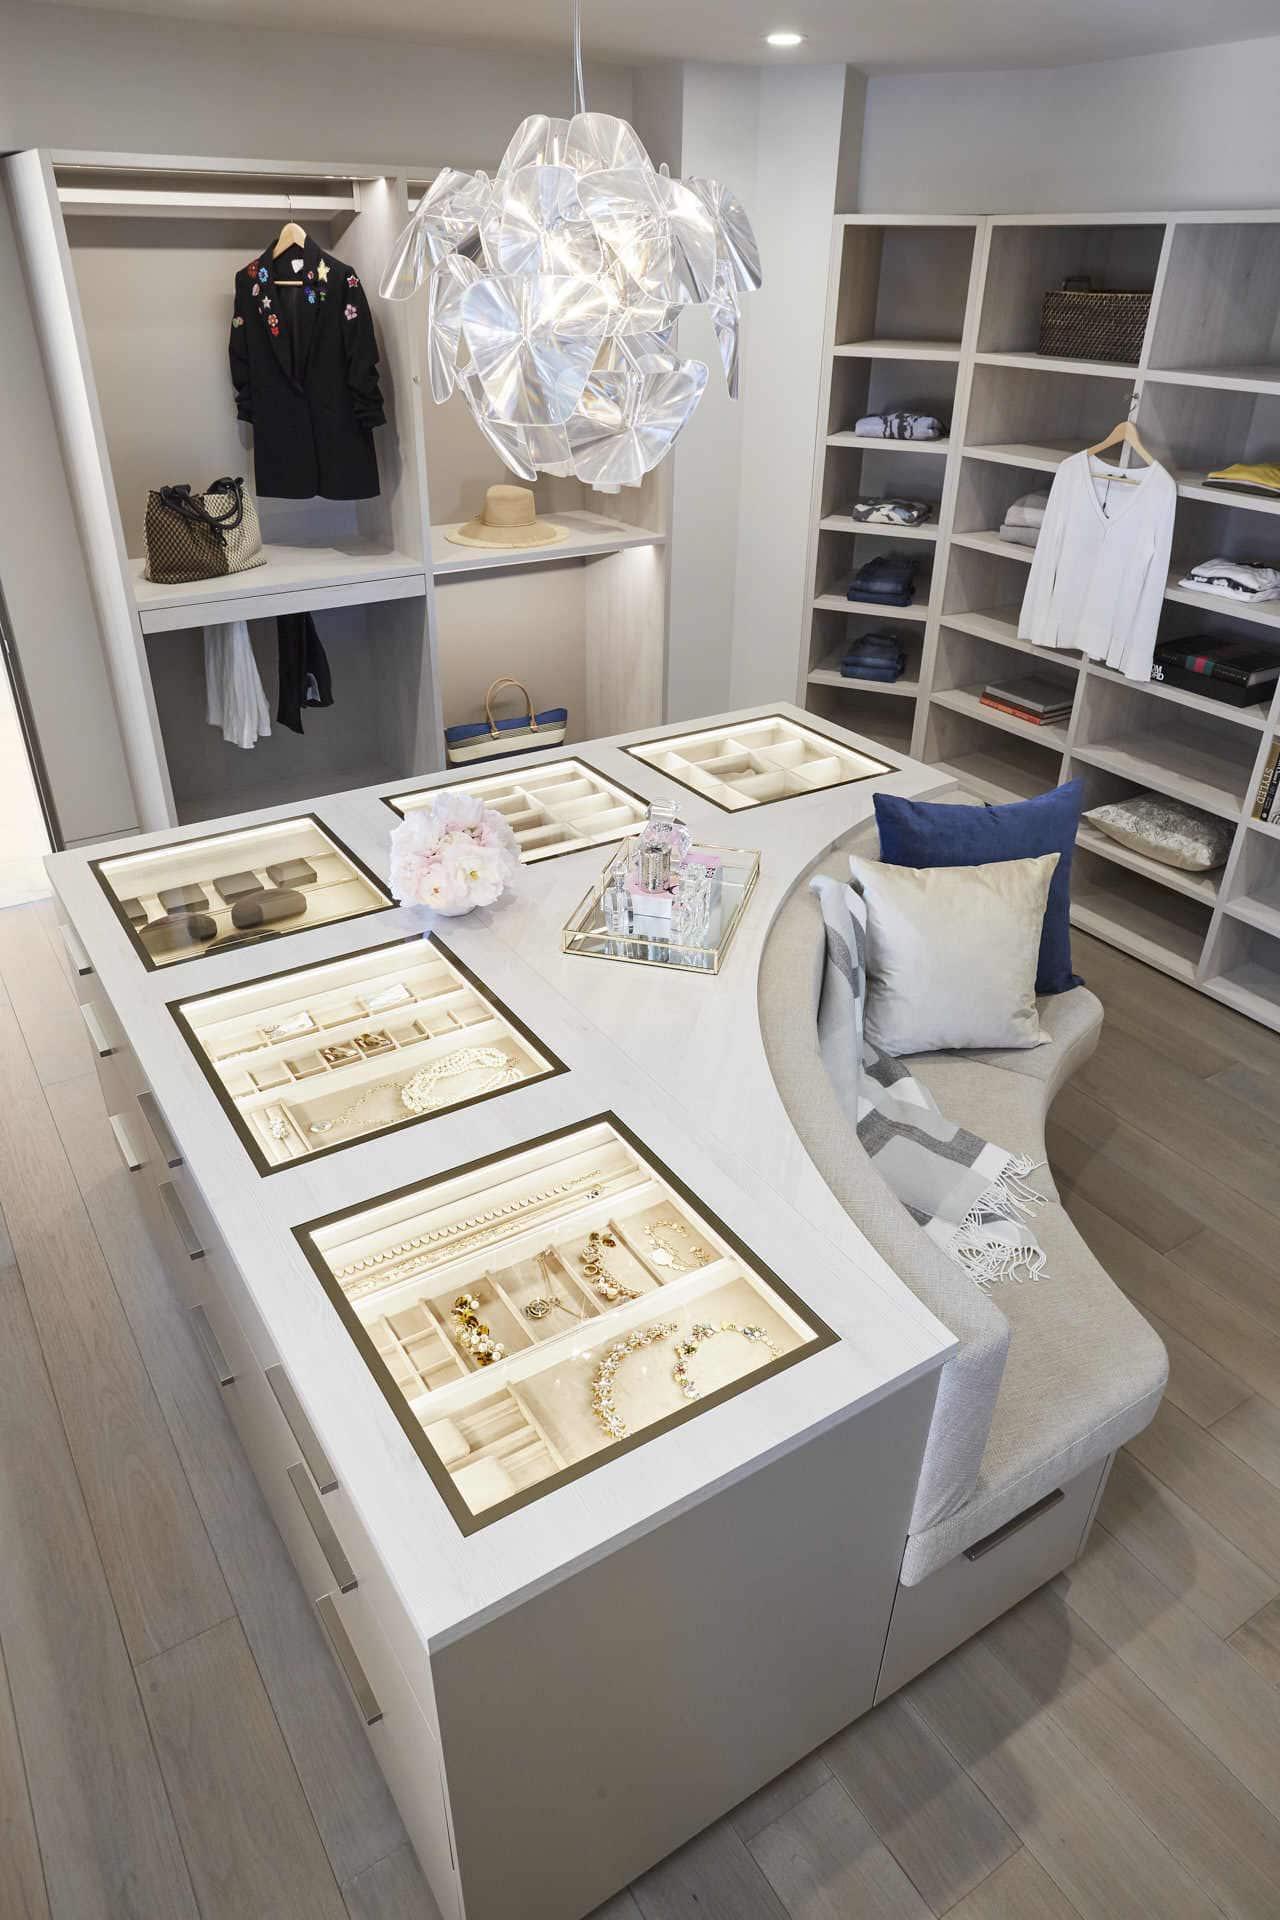 bespoke lined jewelry display case in an island of a bespoke walk-in wardrobe